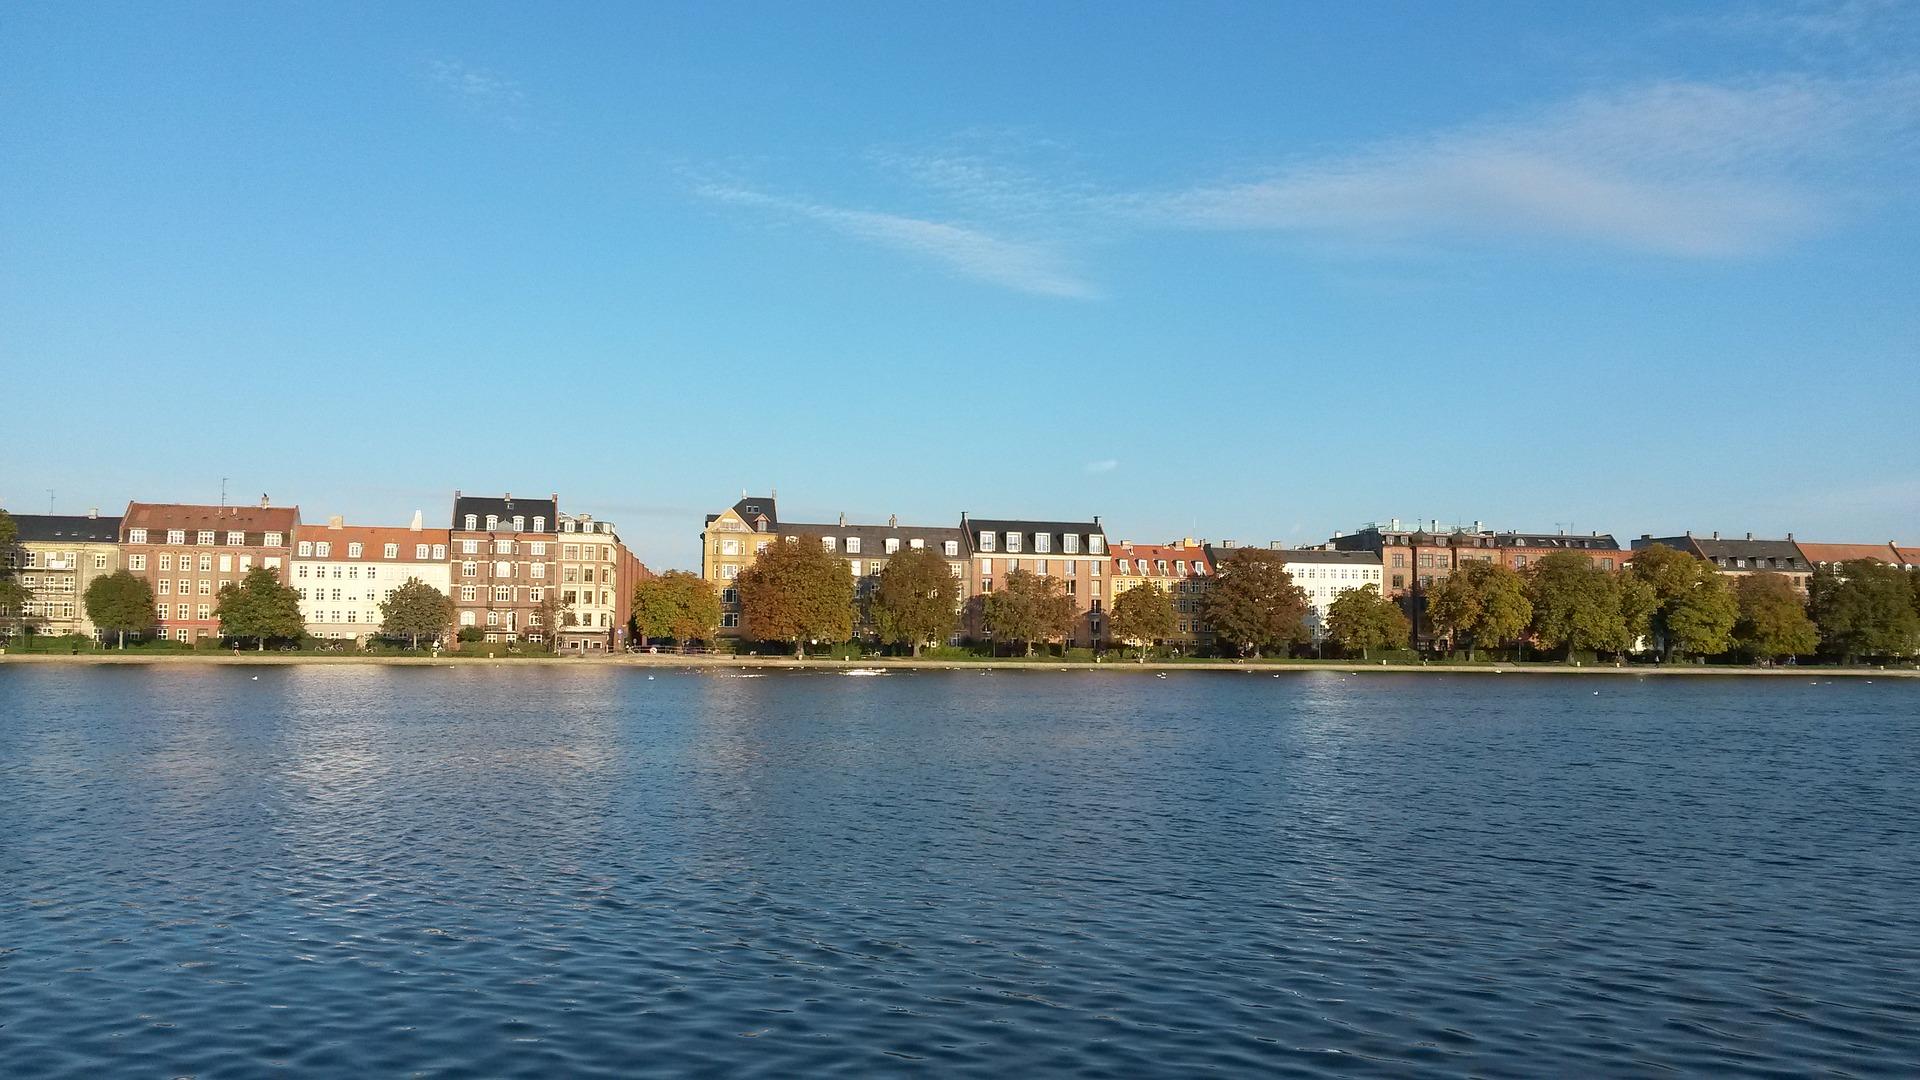 Kopenhagen direkter zugang zur Ostsee